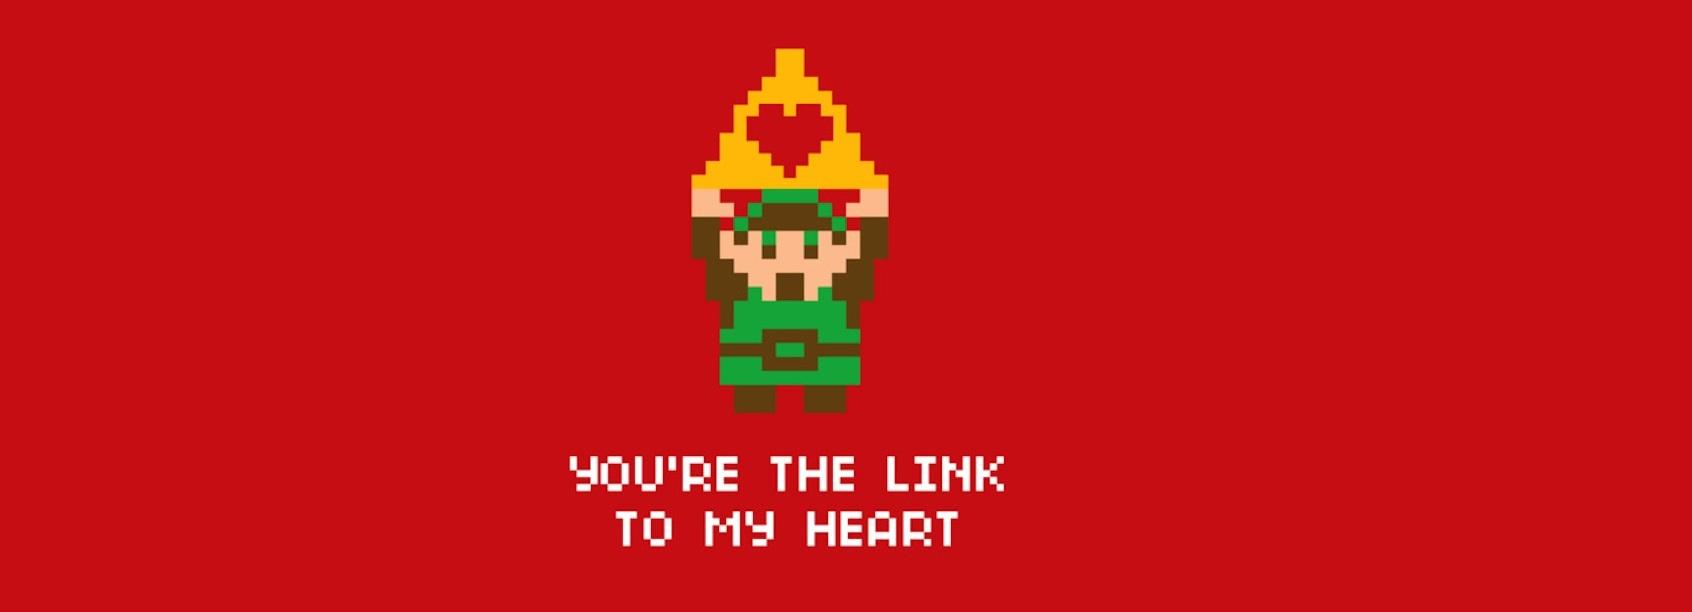 Humor Geek 13.0 Geek Love Edition